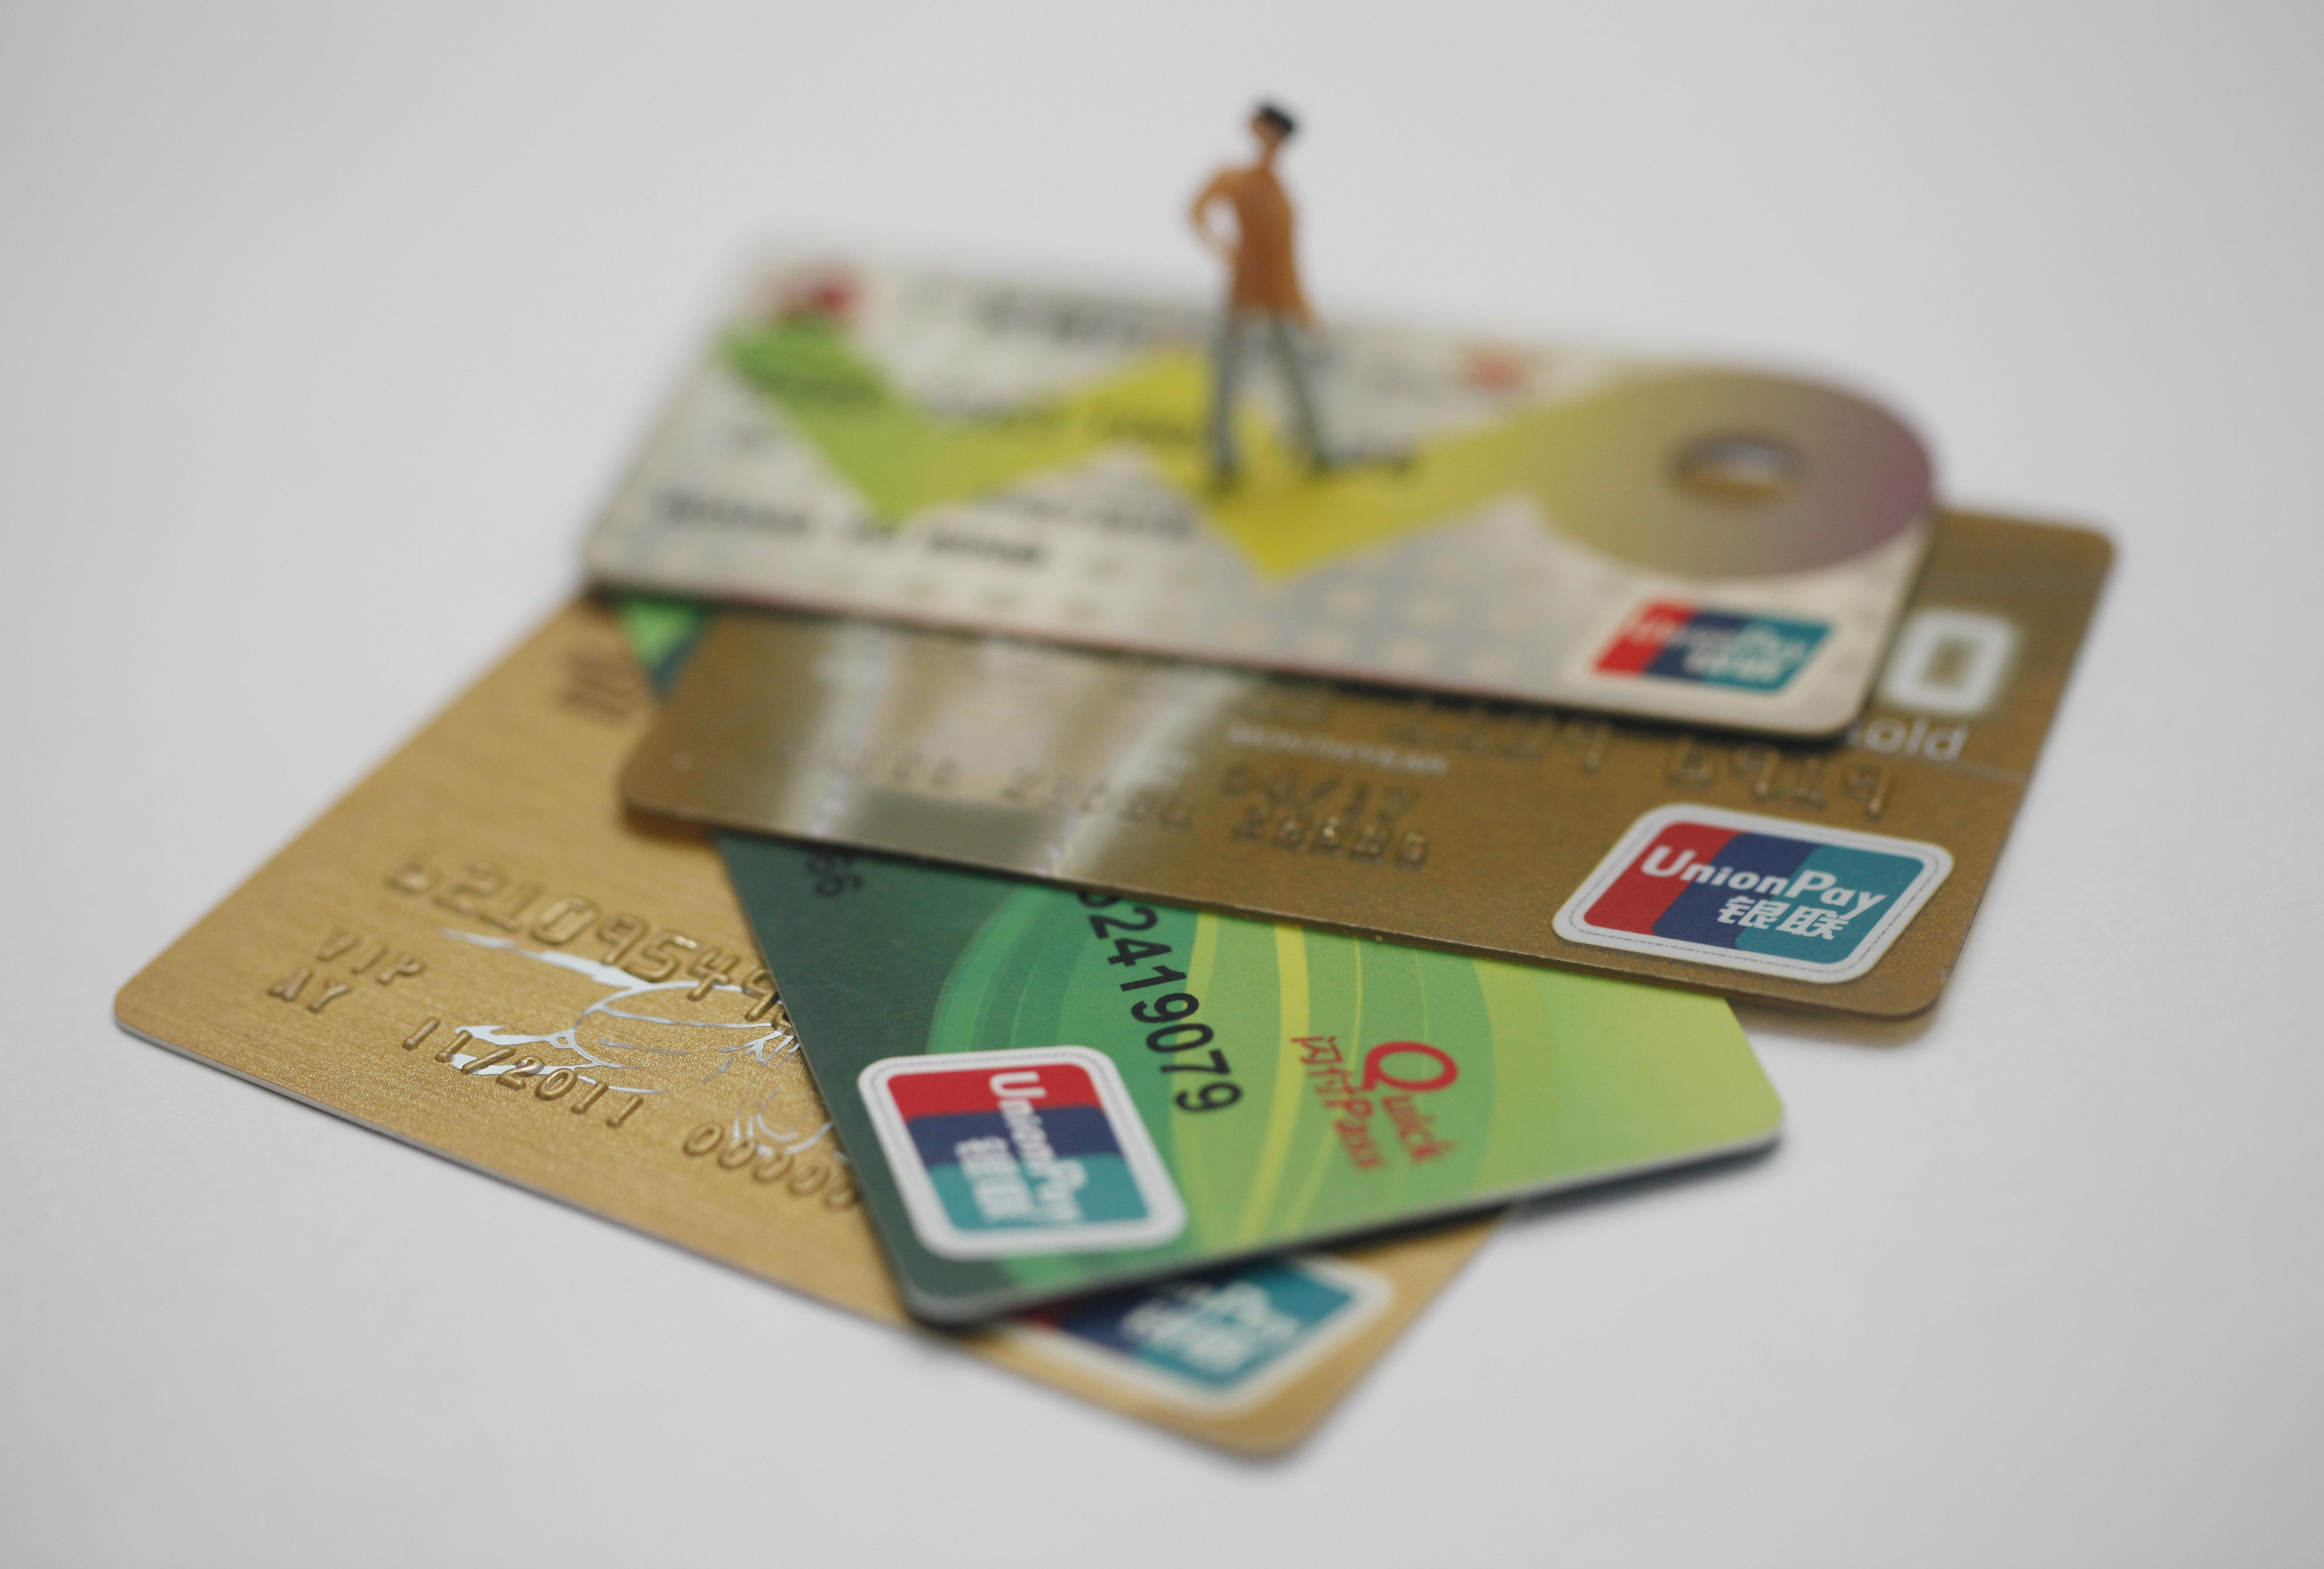 为什么别人的薪资也不高,但是信用卡额度很高呢?